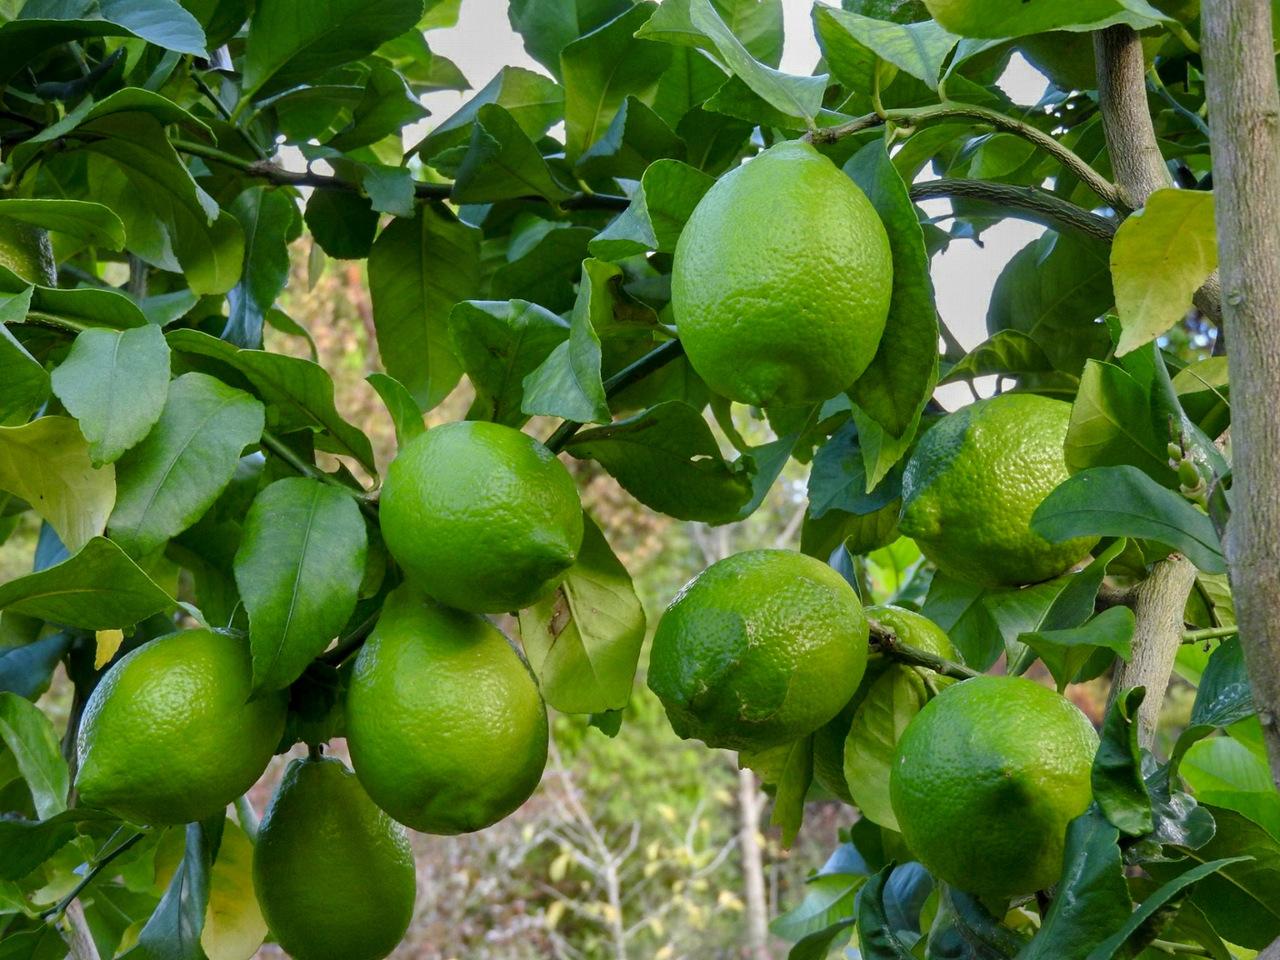 【農園風緑】農薬不使用グリーンレモン収穫体験